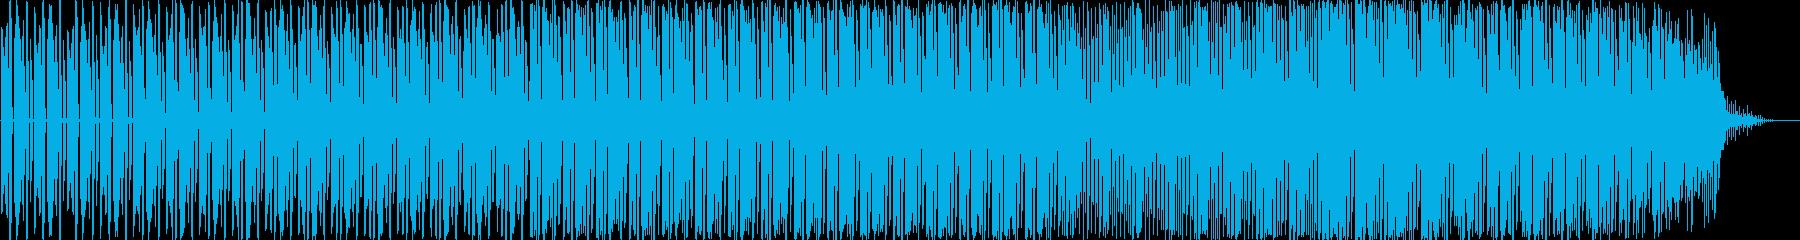 法人 アクション 静か ハイテク ...の再生済みの波形